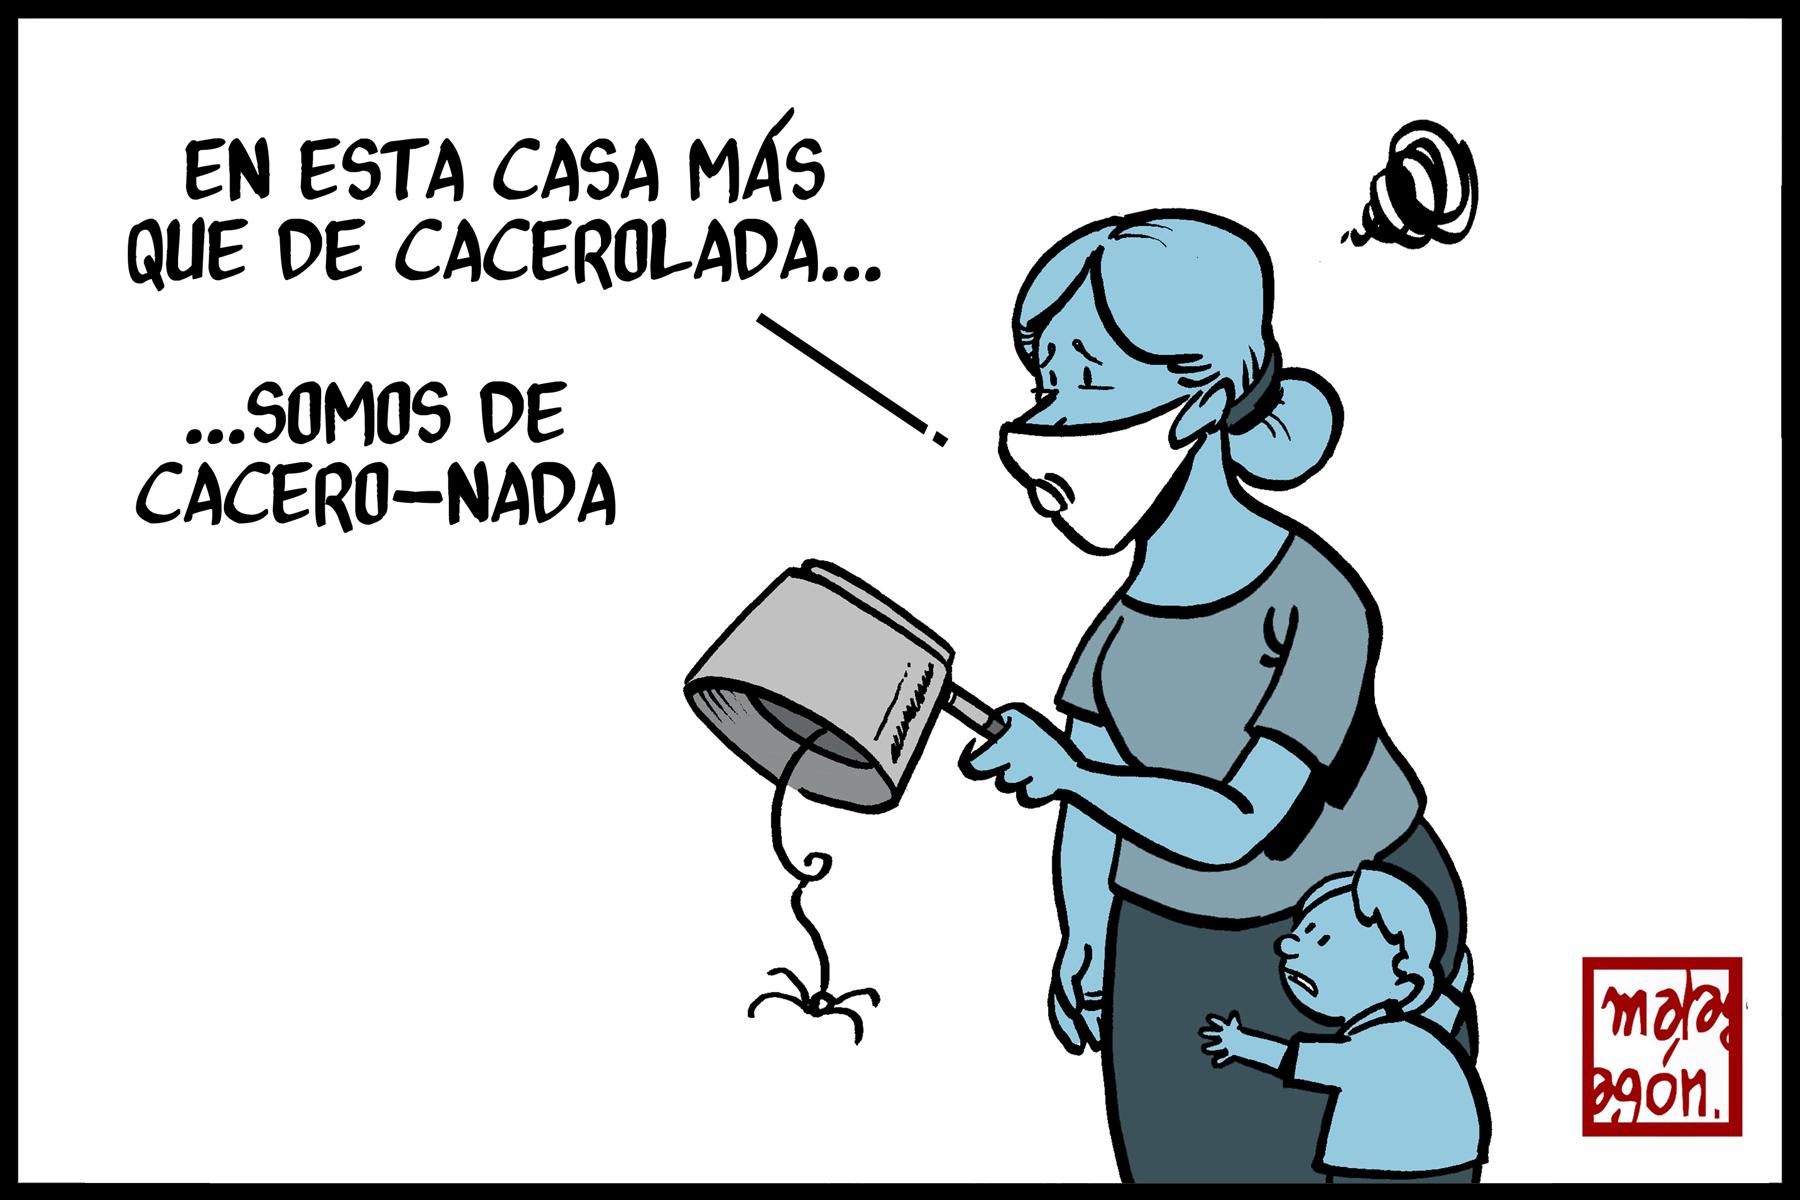 <p>Cacero-nadas.</p>